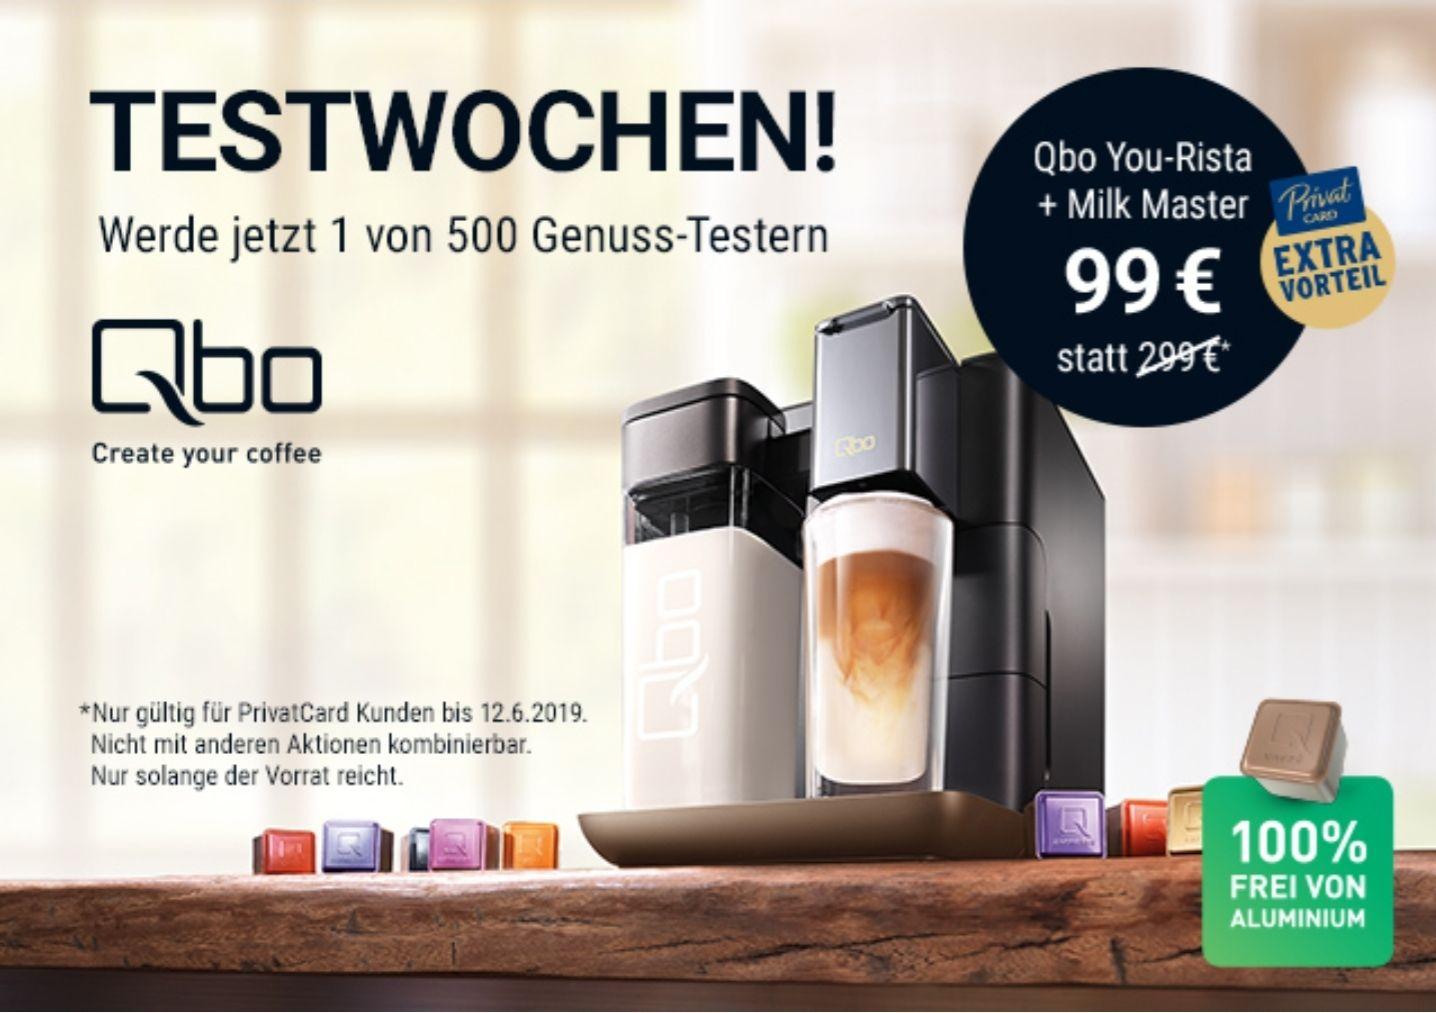 Tchibo Qbo You-Rista + Milk Master (ACHTUNG: nur für Privat Card Inhaber)